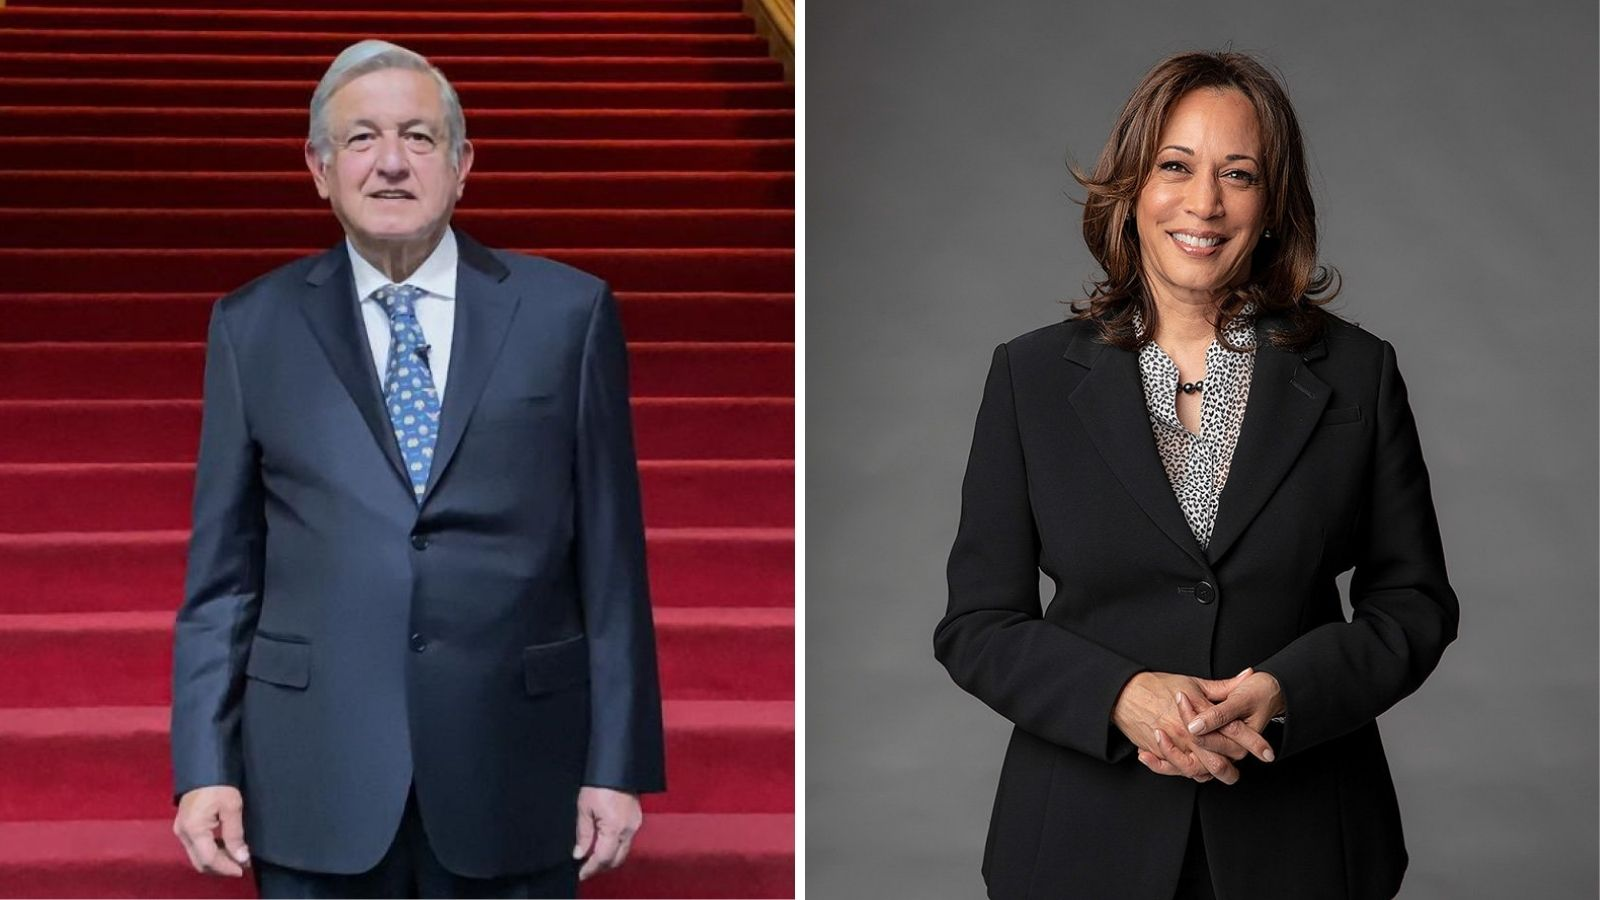 PRESIDENTE AMLO Y VICEPRESIDENTA DE EEUU, KAMALA HARRIS, CONVERSARON SOBRE MIGRACIÓN